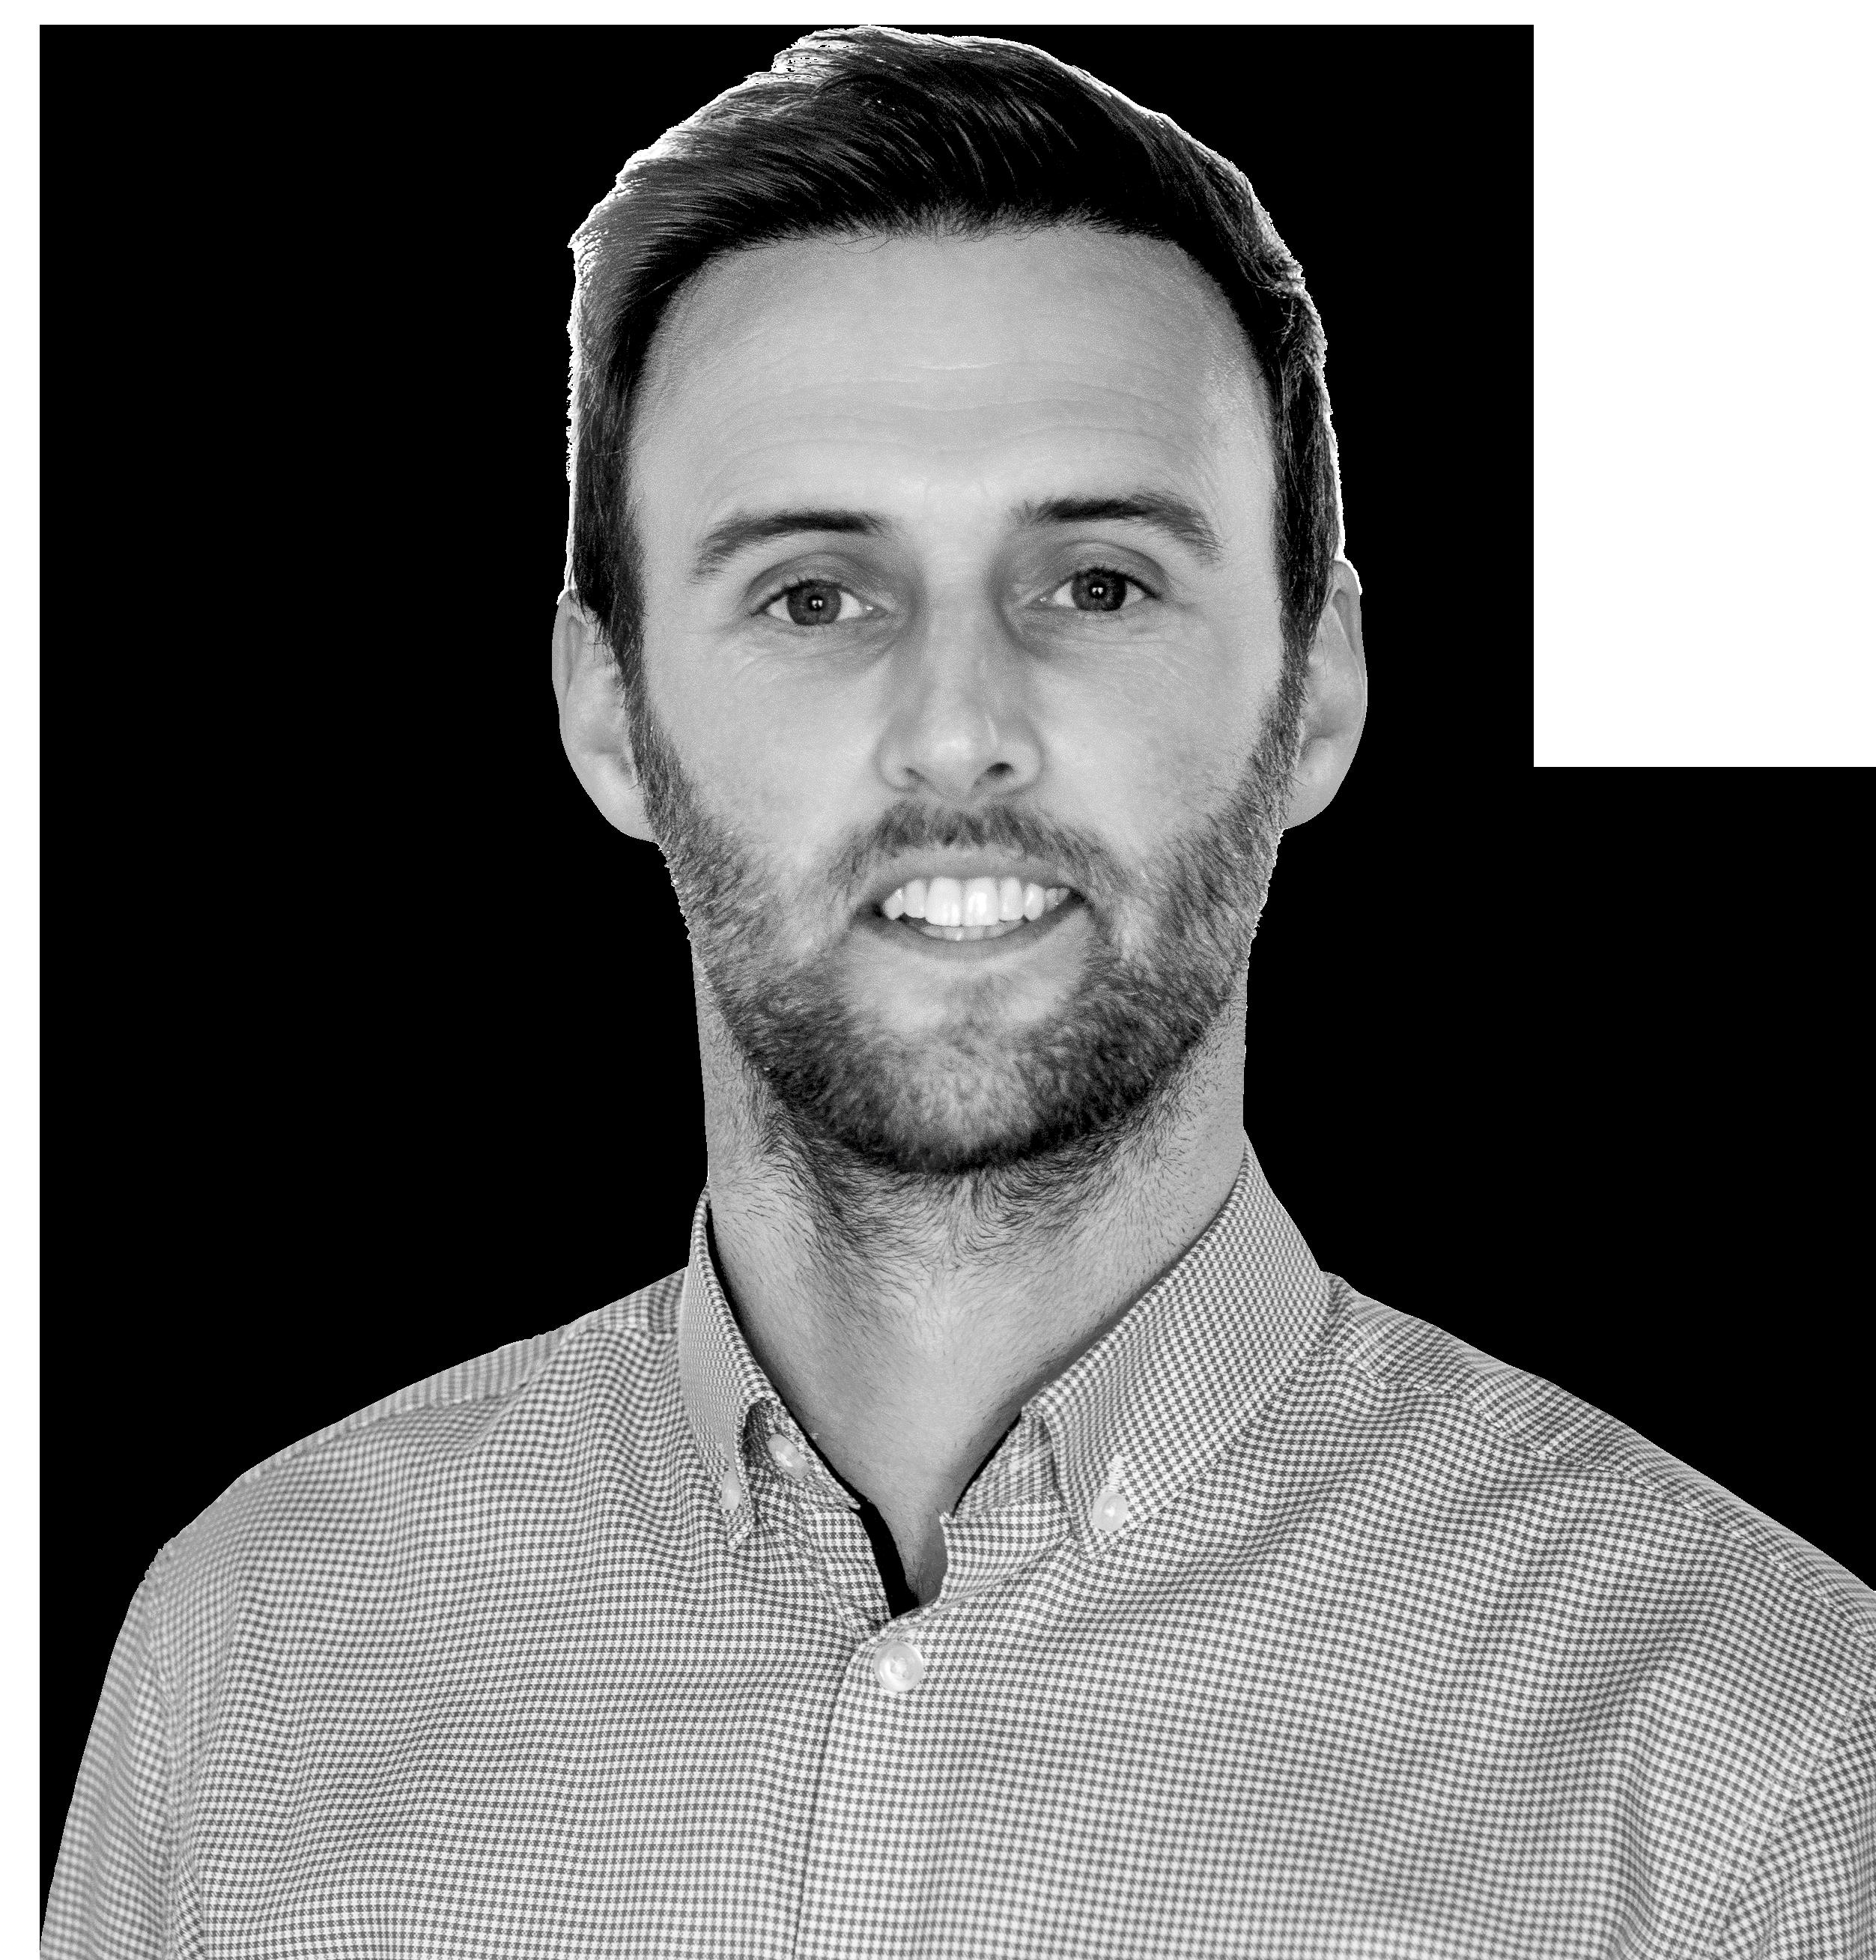 James O'Loan - CEO & Prescribing Pharmacist